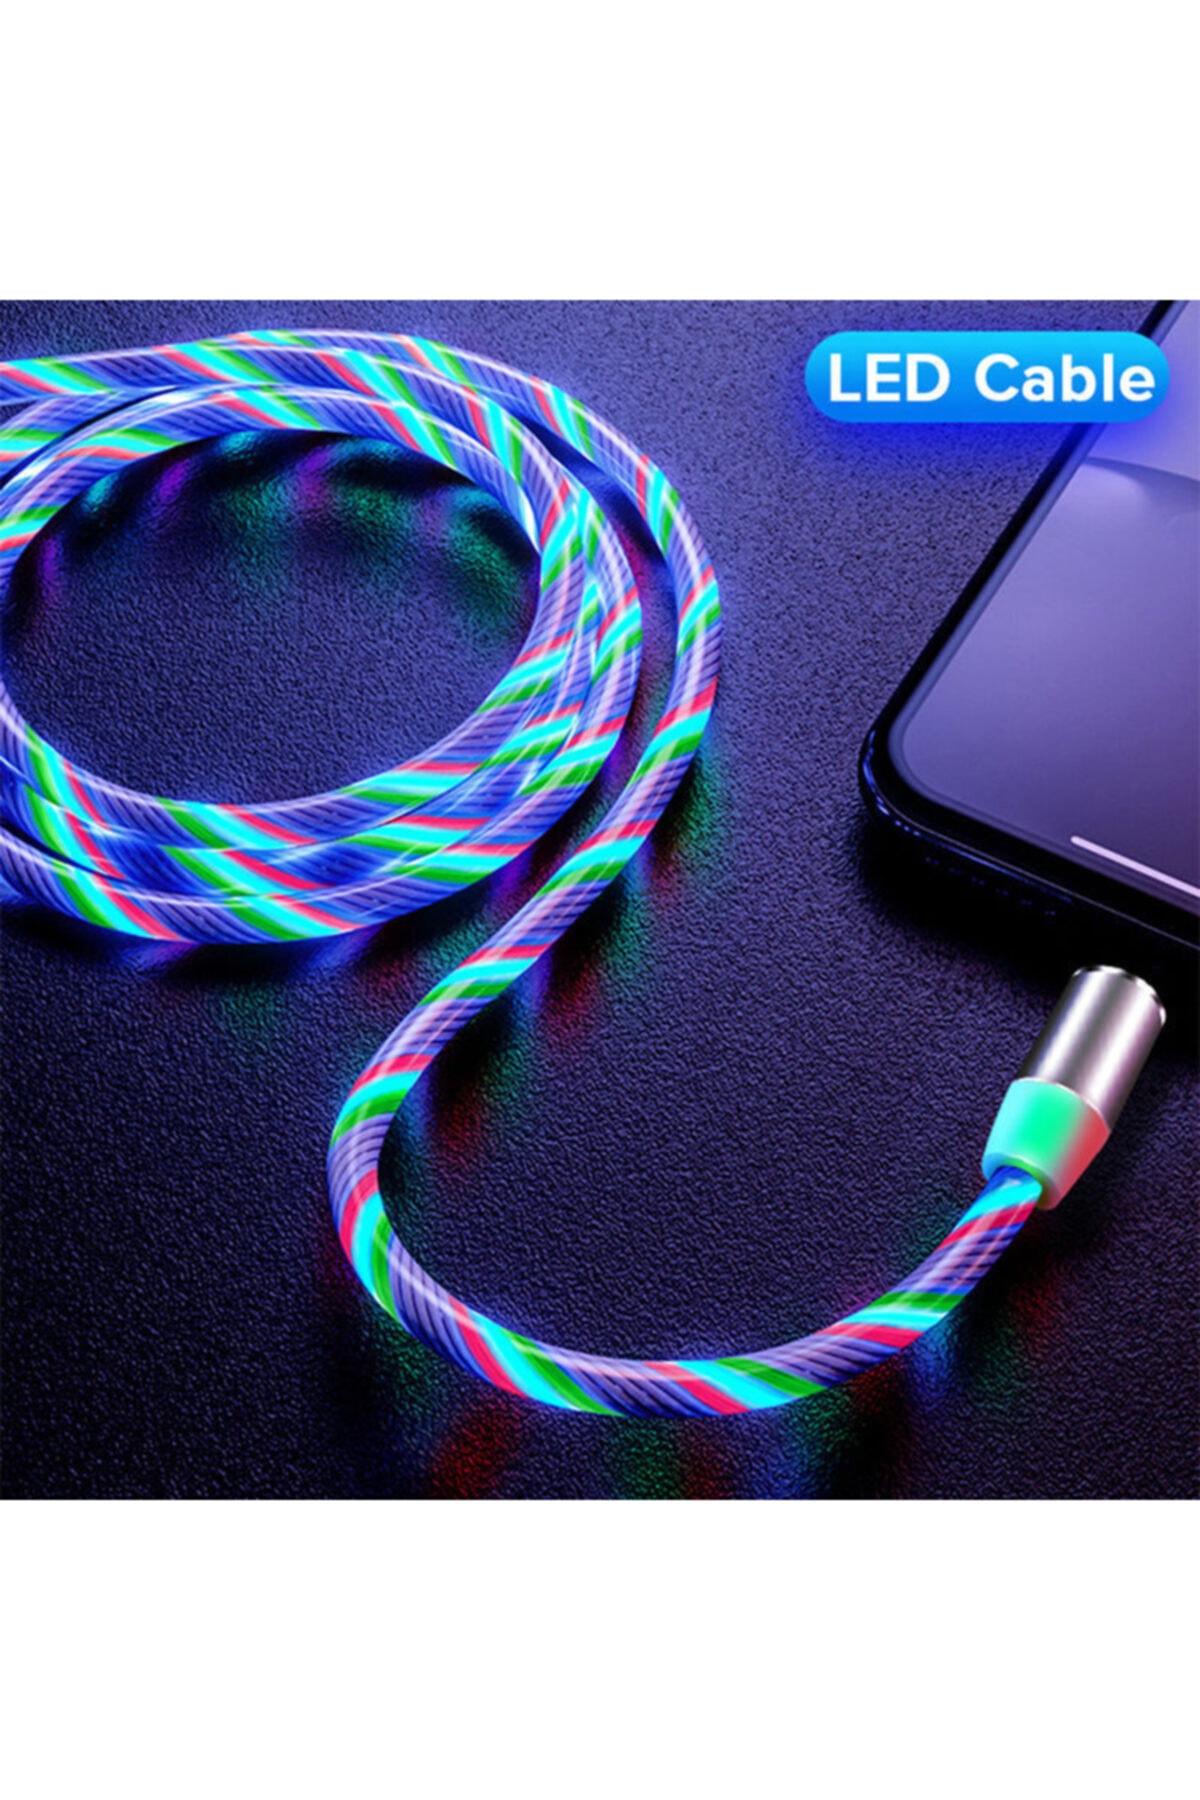 Elmas Micro Usb Full Işıklı Hareketli Manyetik Mıknatıslı Şarj Aleti Sarj Kablosu Rgb Karışık Renkli 1